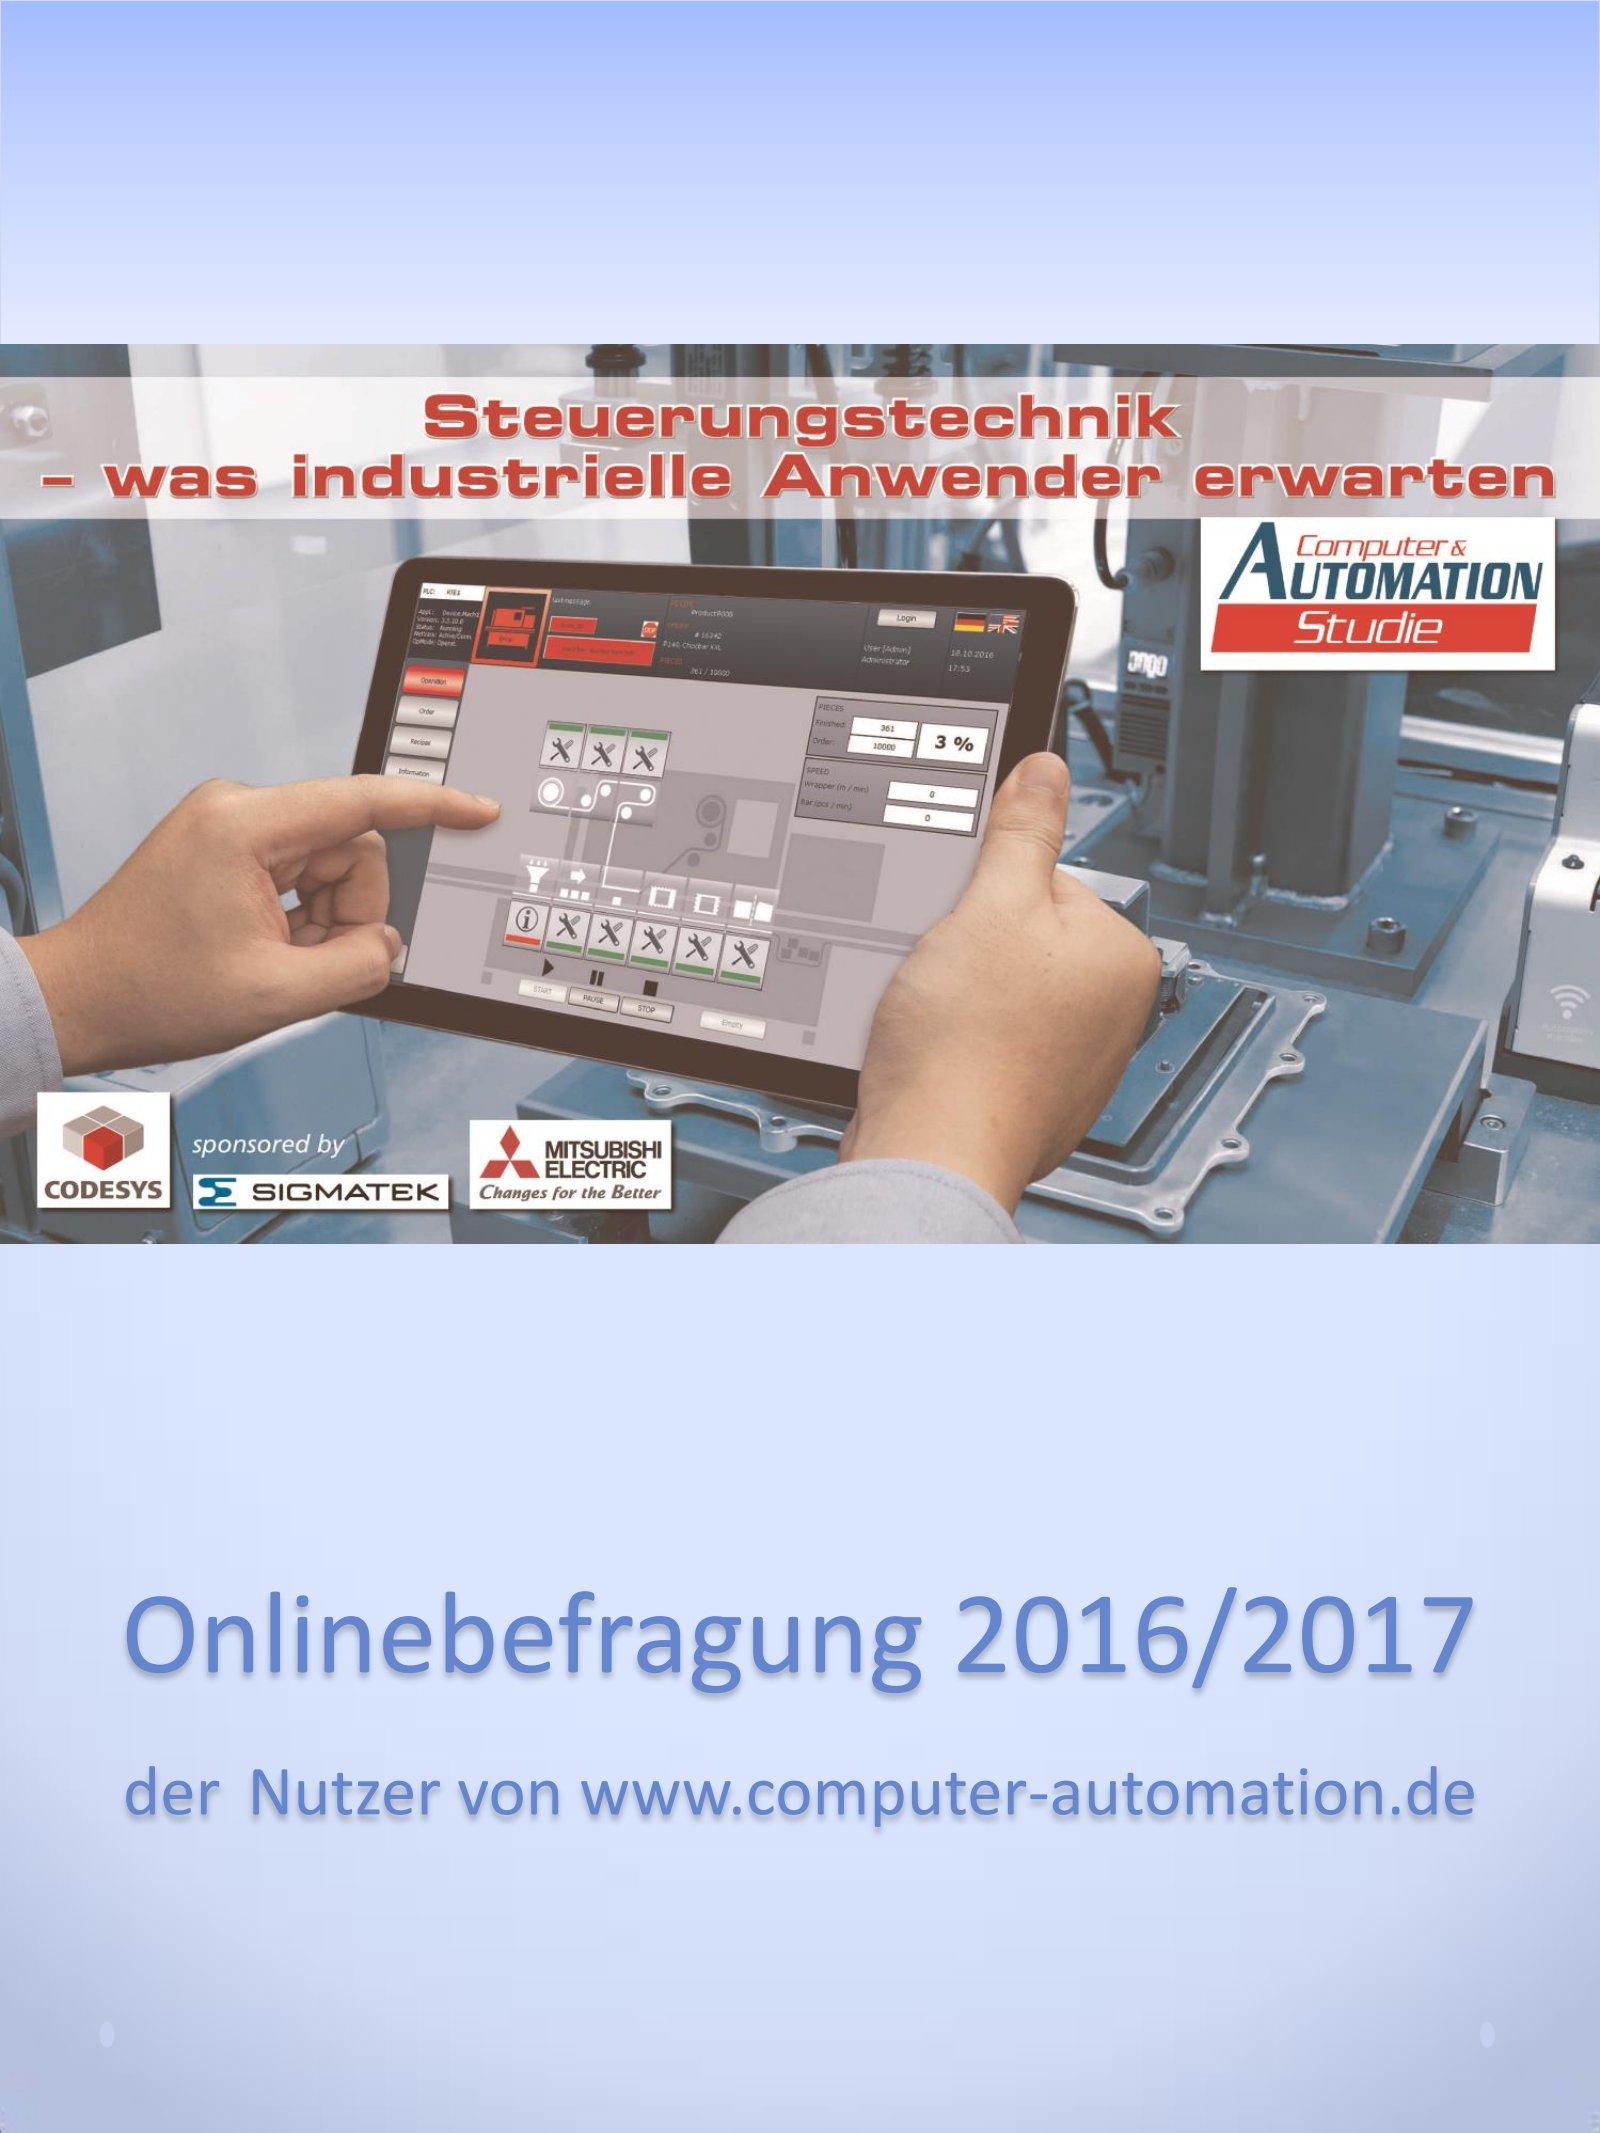 Computer&AUTOMATION Studie Steuerungstechnik 2017 Digital